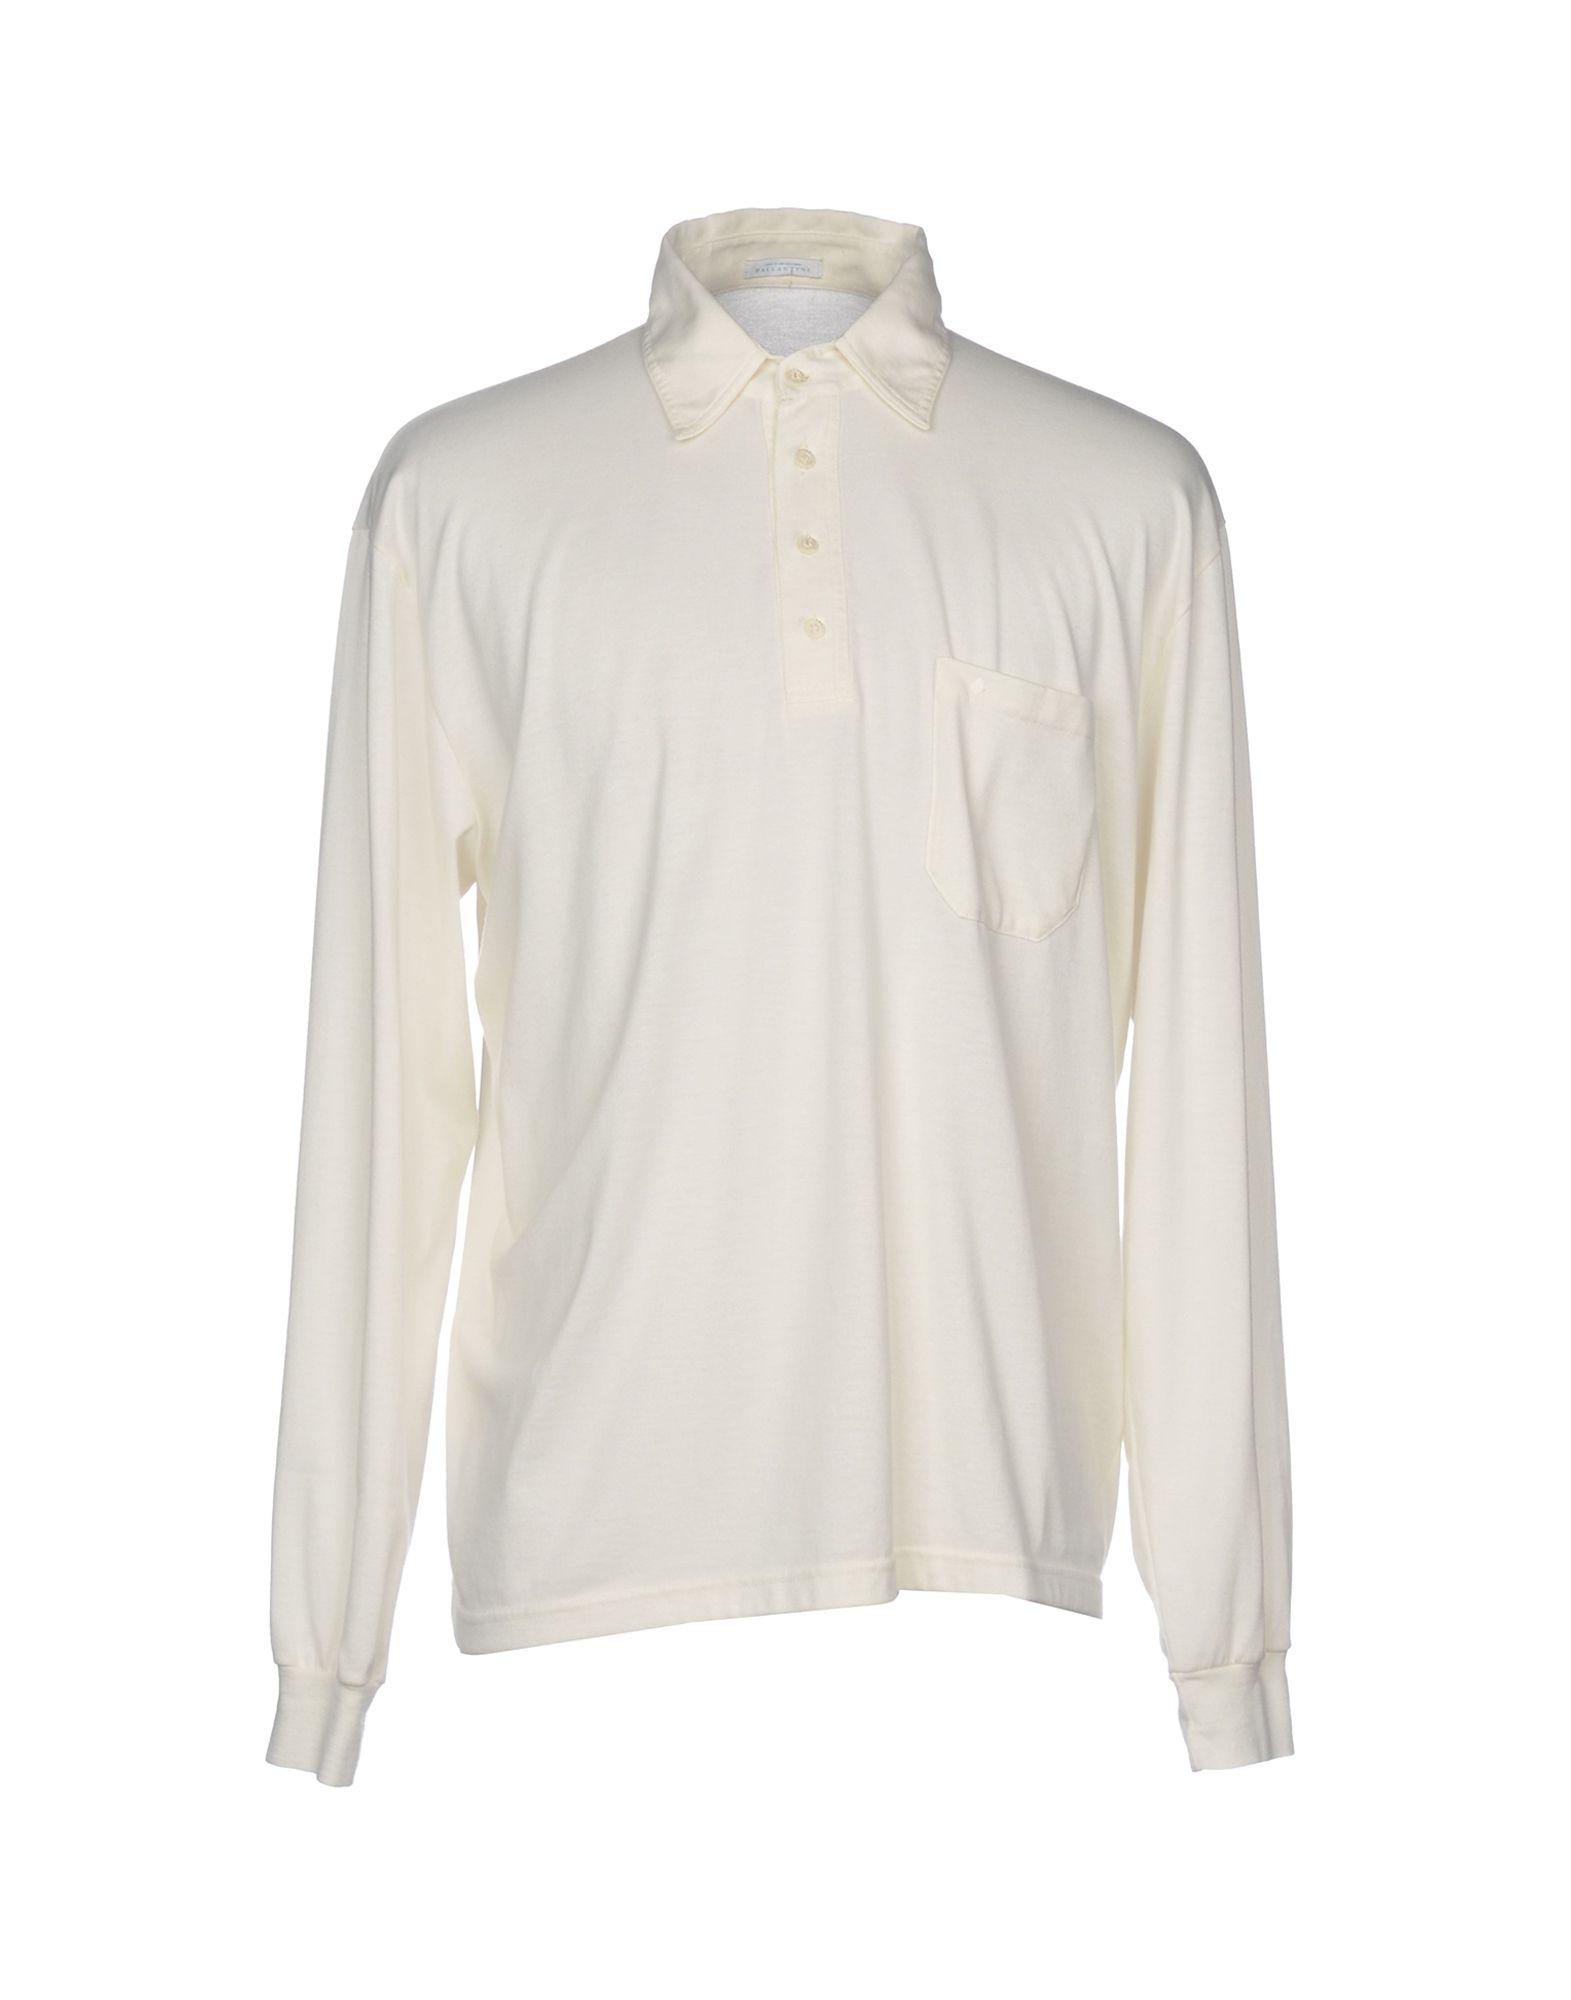 A buon mercato - Polo Ballantyne Uomo - mercato 12206940IA 4e6b5b